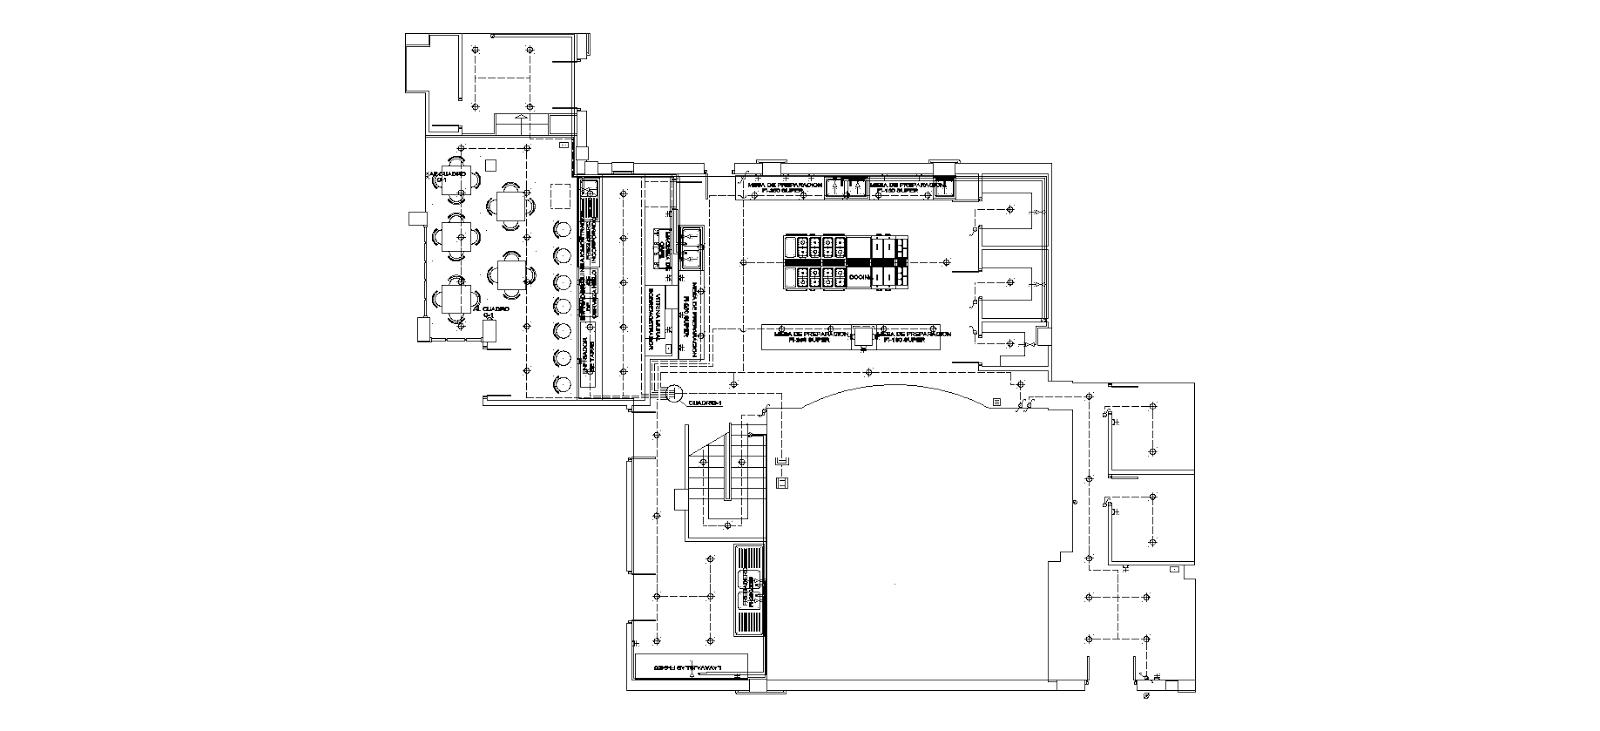 Andres brugarolas aleman arquitecto restaurante el cherro for Distribucion de una cocina para restaurante